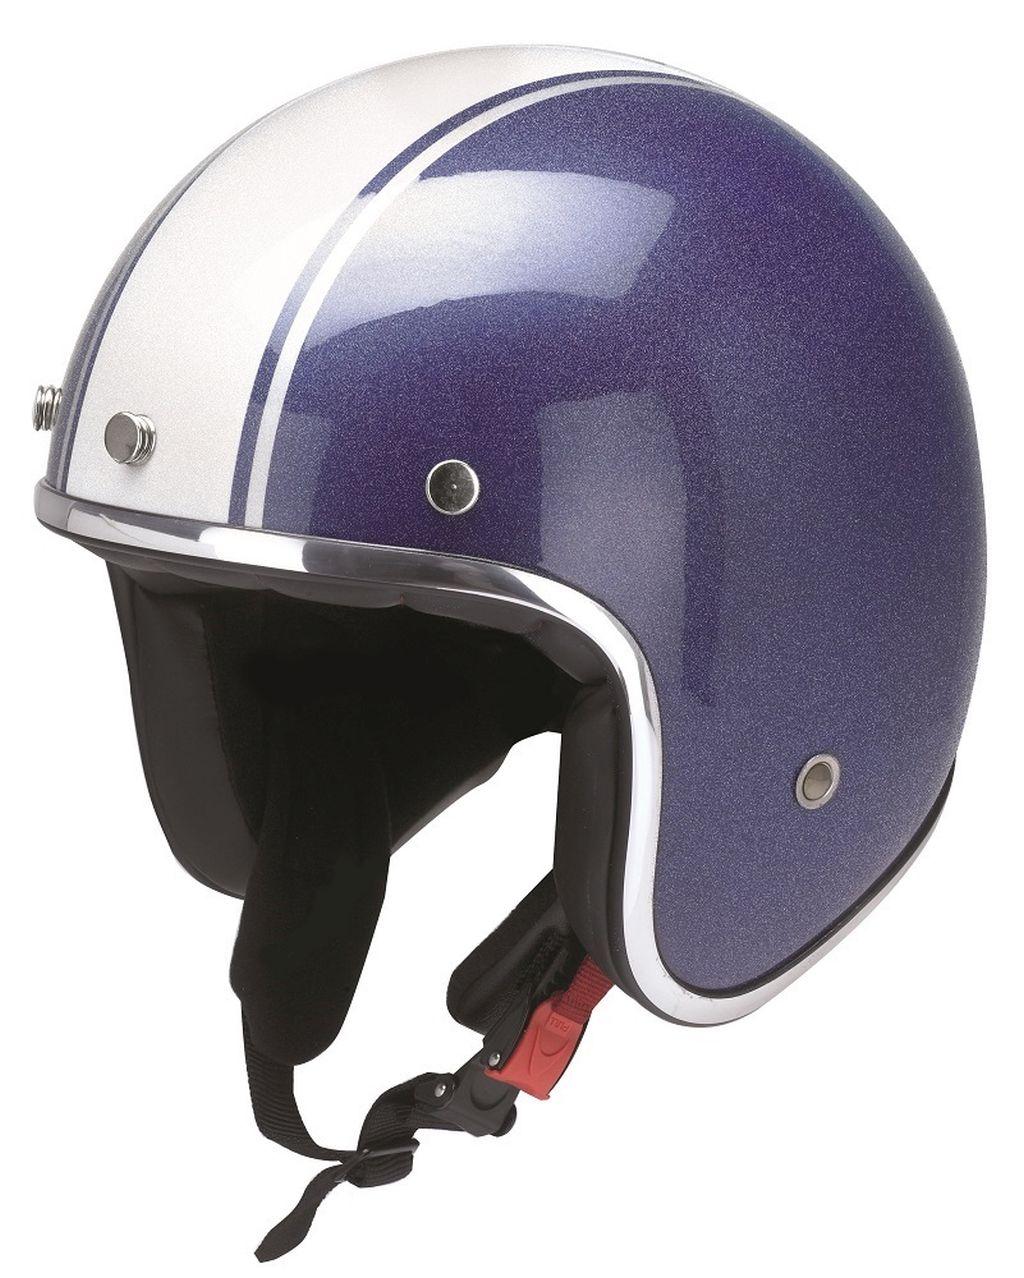 Redbike Motorrad Helm Jethelm Oldtimer Palermo Kochmann RB 758 blau weiss XS-XXL